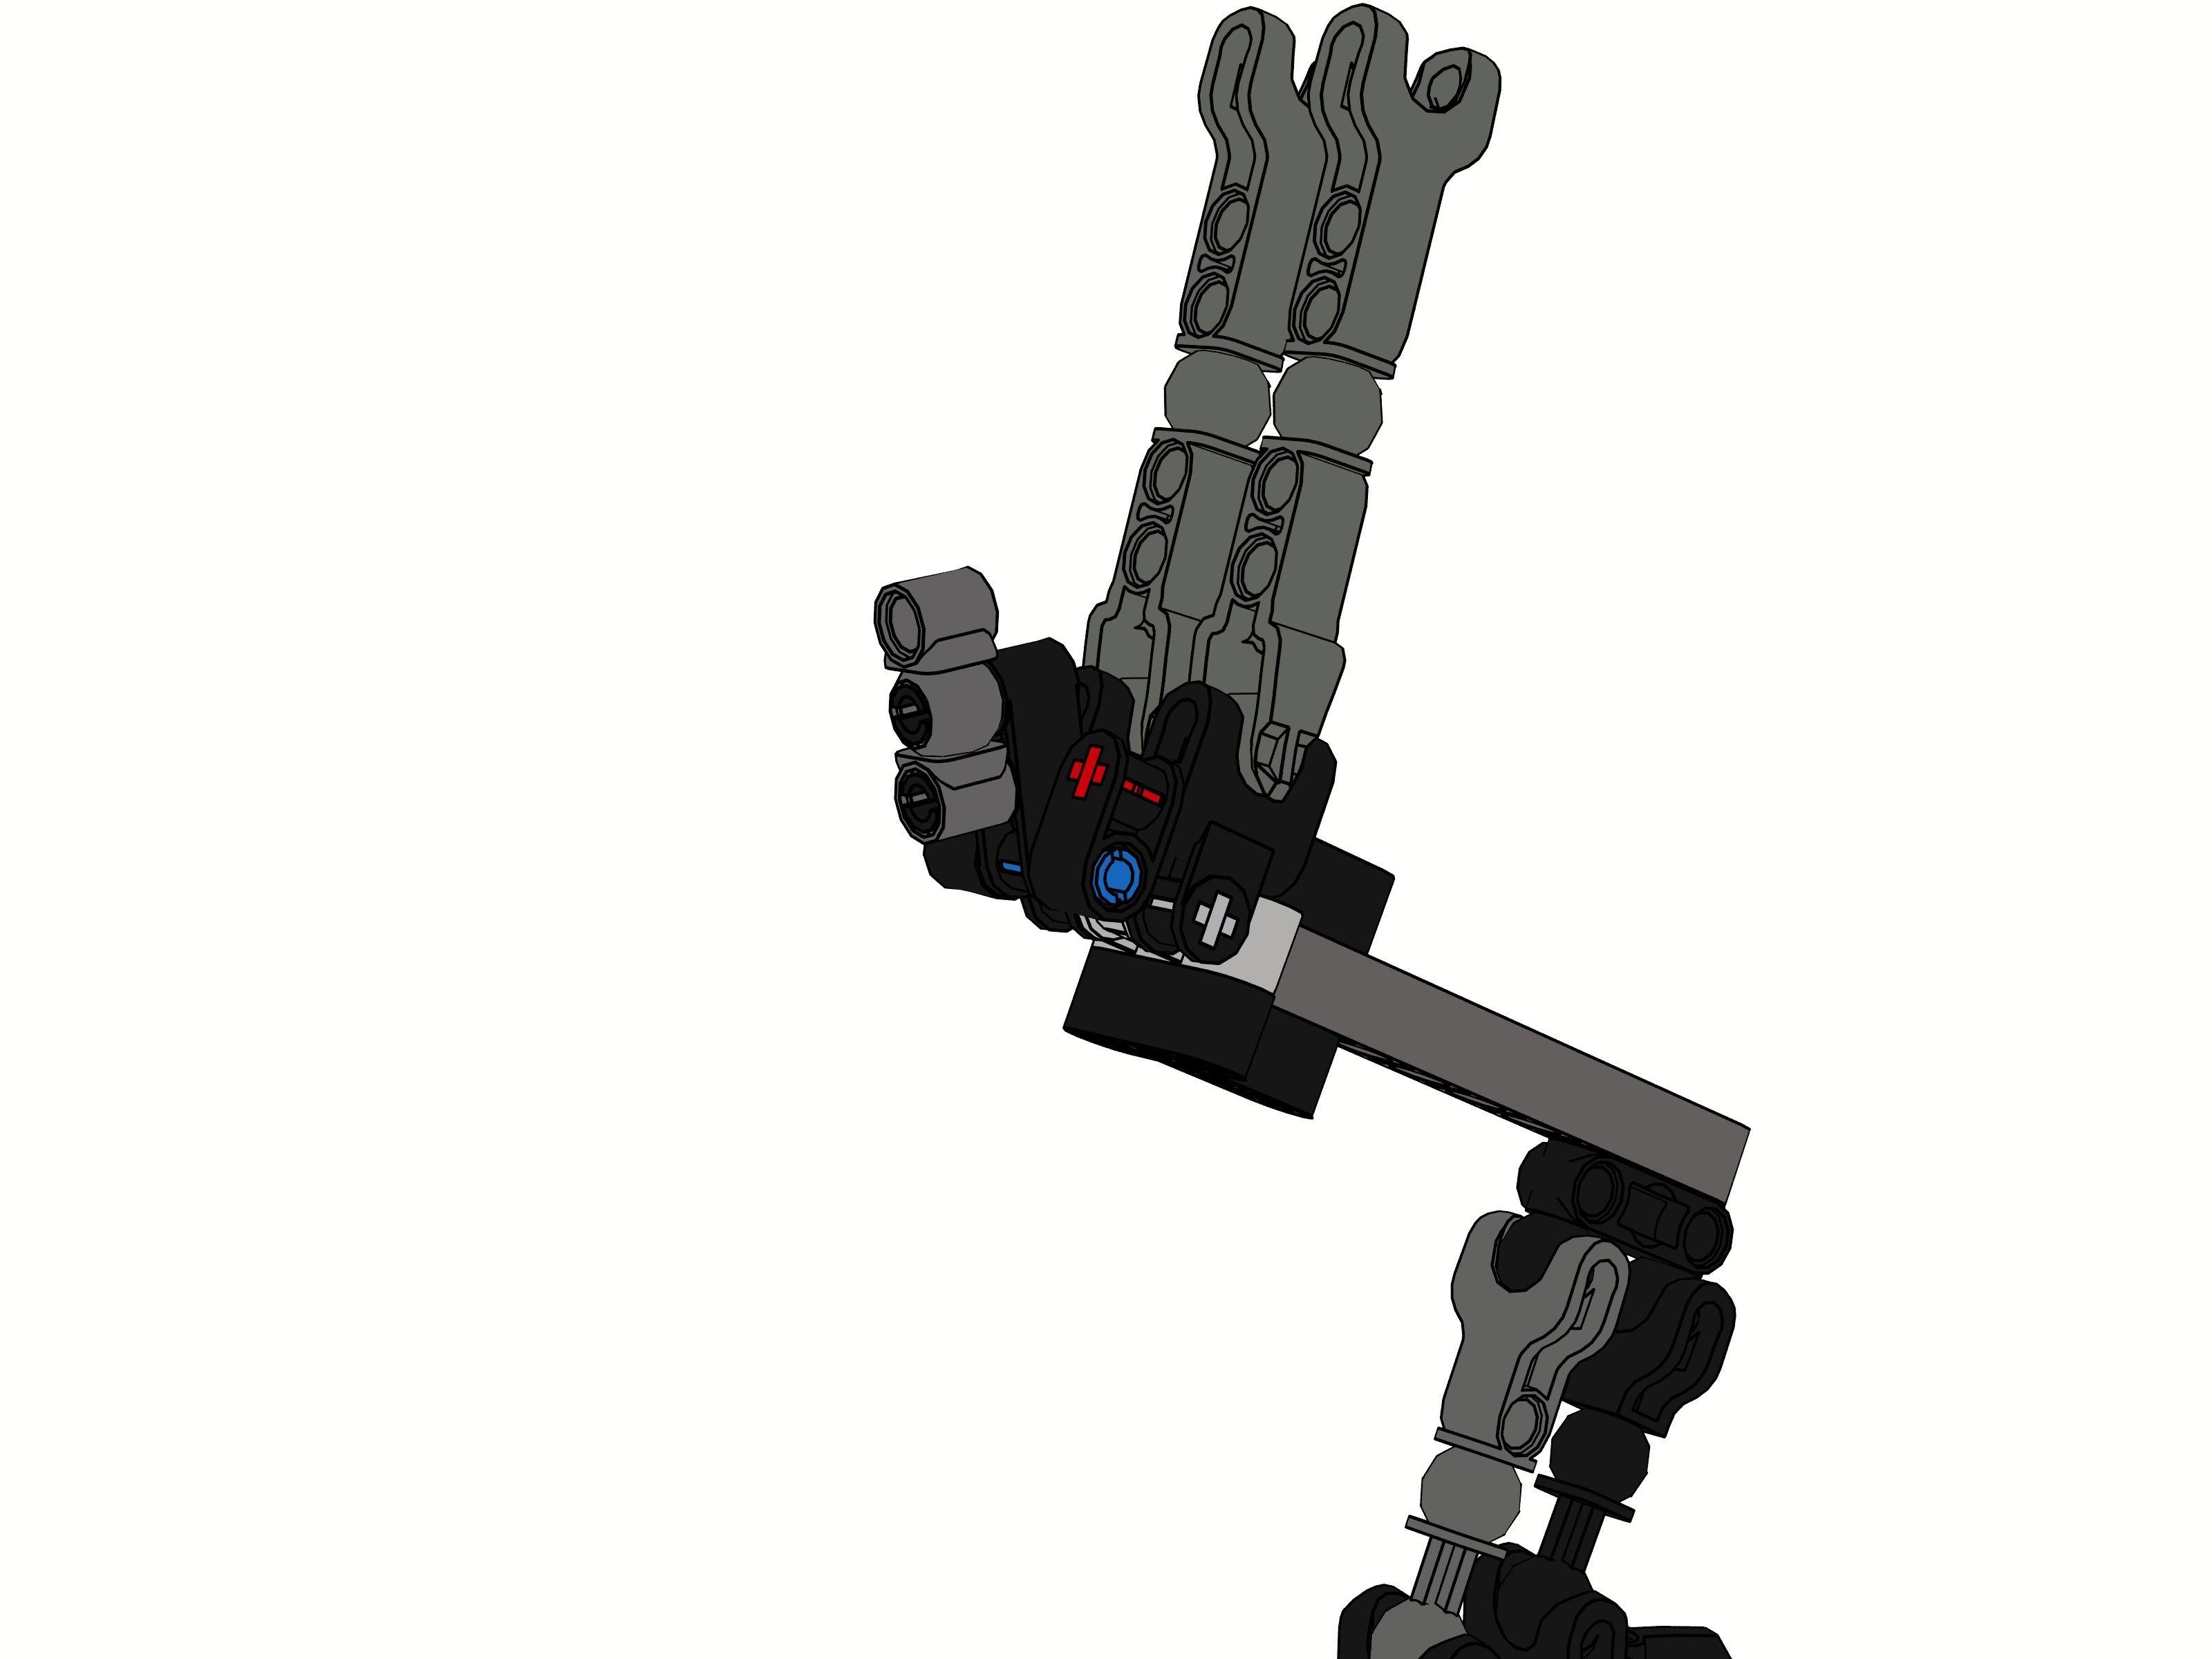 [Produits] Des Figurines d'Action LEGO Star Wars prévues pour l'automne 2015 ! - Page 4 Grievo10